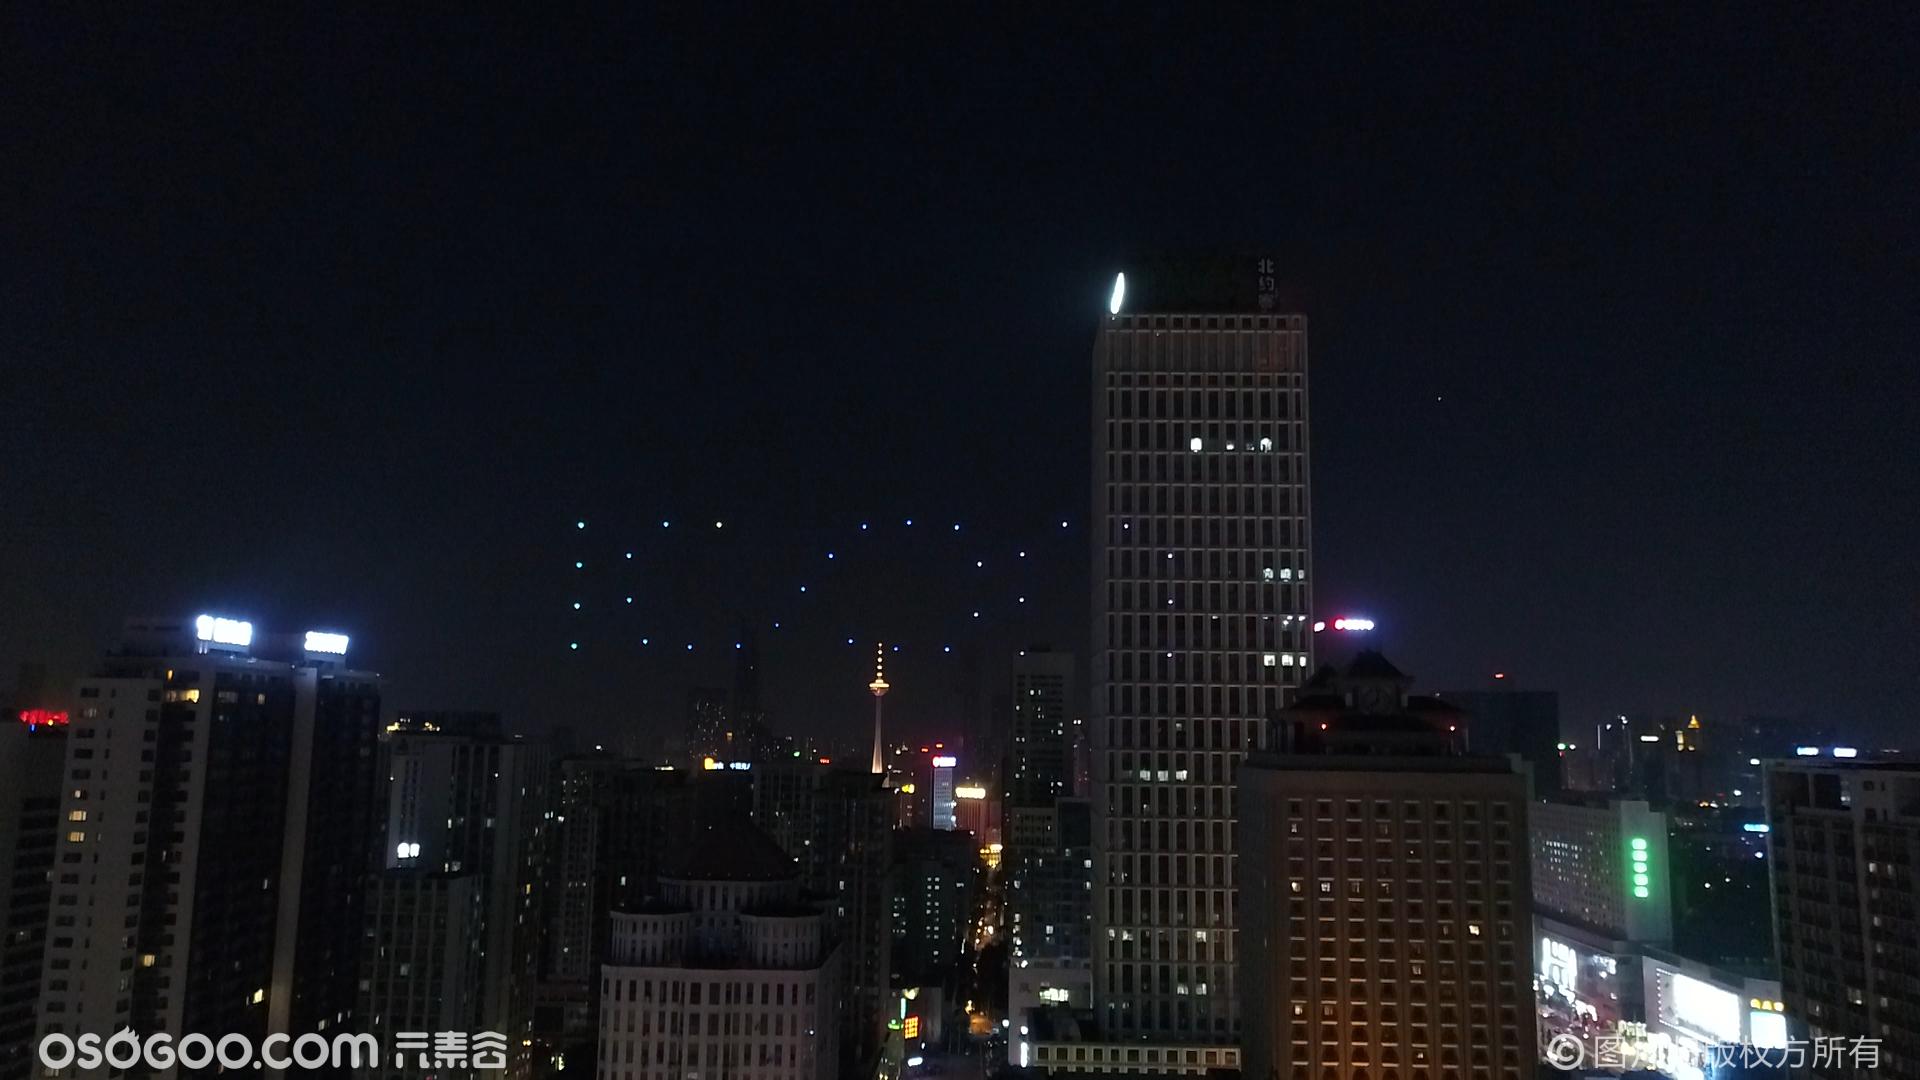 山东 沈阳吉利汽车—室外星空无人机编队创意表演